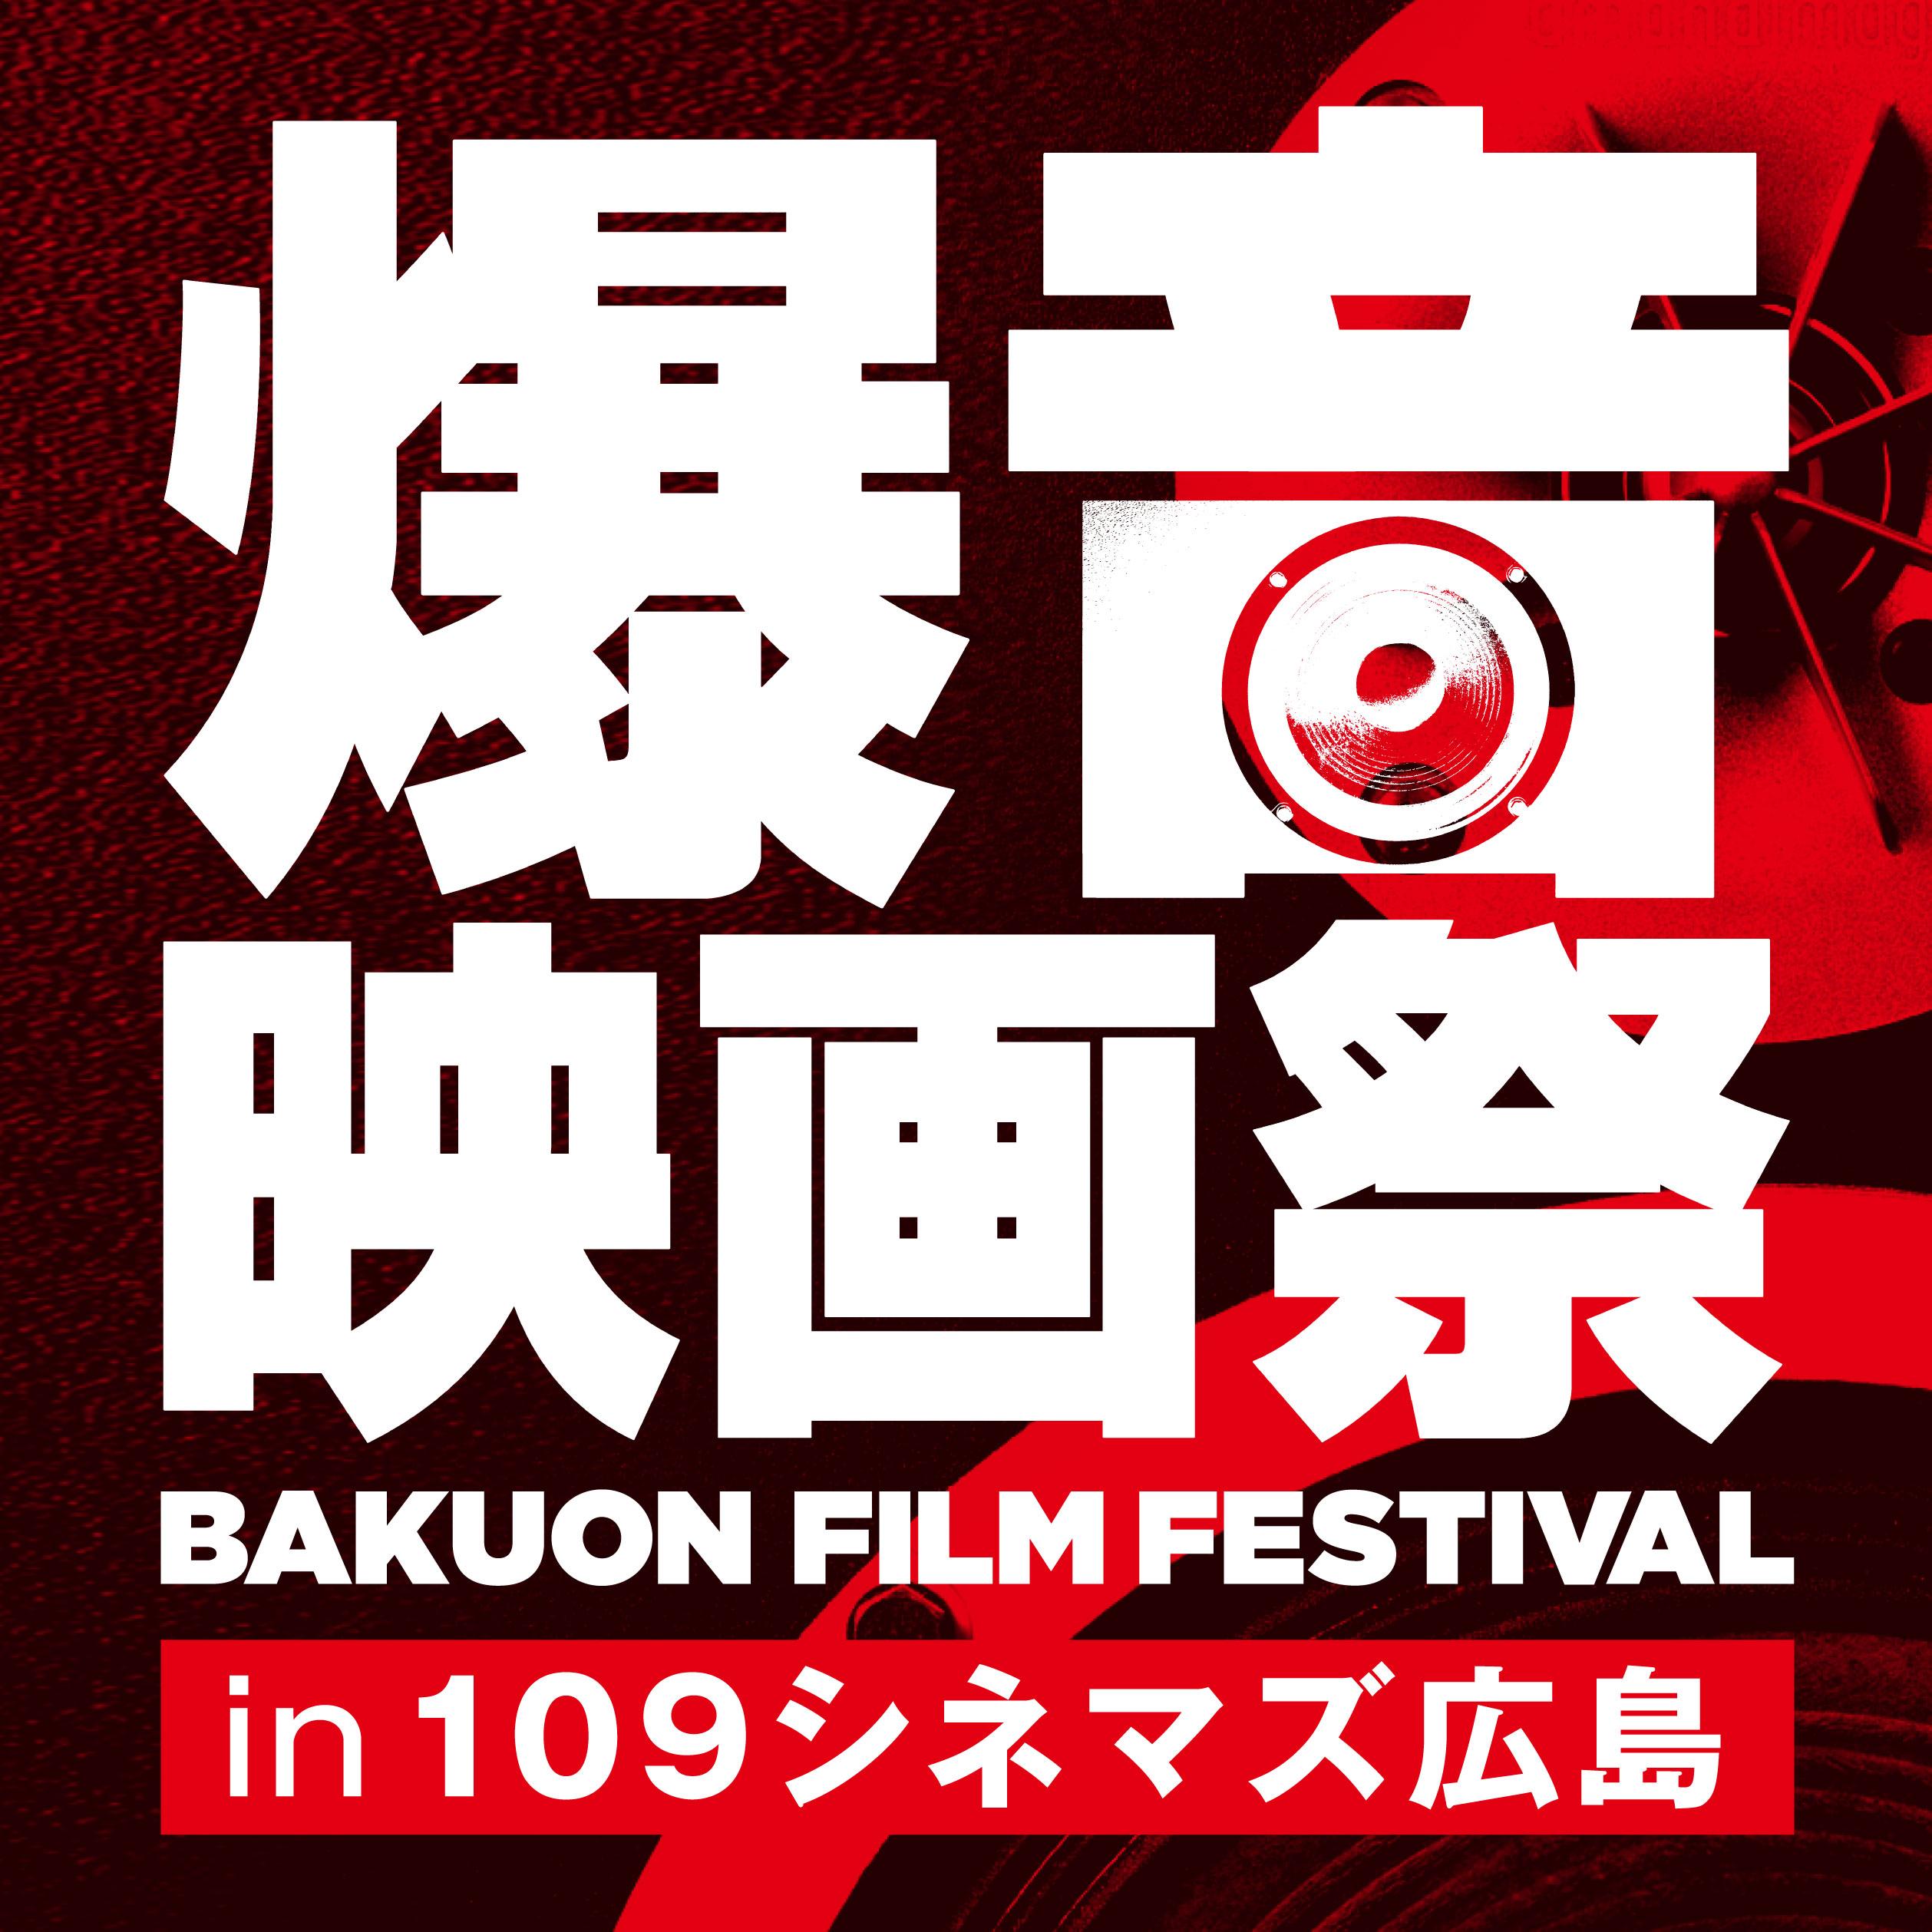 爆音映画祭 in 109シネマズ広島